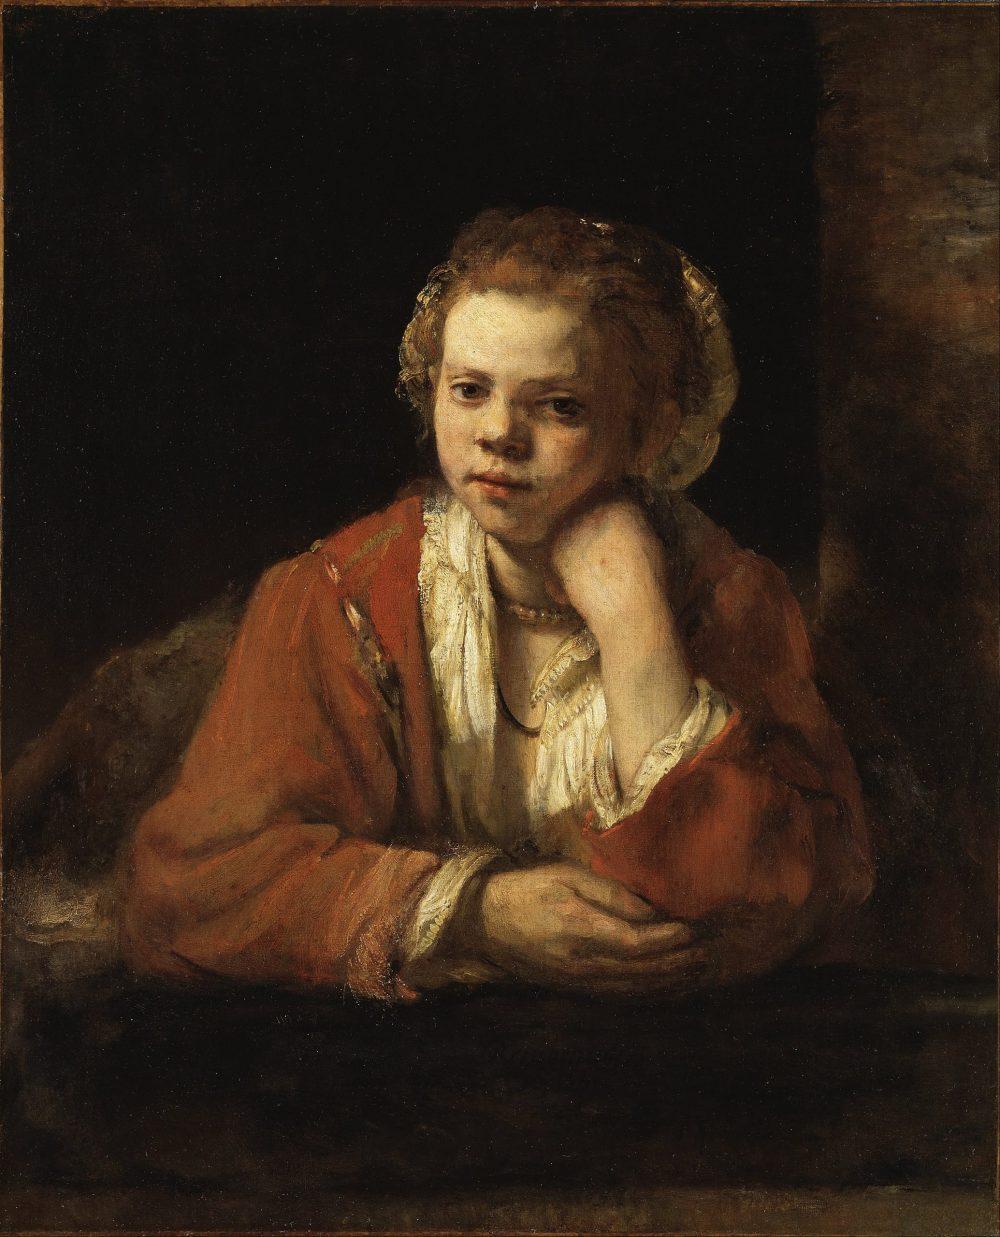 """Bức tranh """"The Kitchen Maid"""" của danh họa Rembrandt van Rijn năm 1651"""